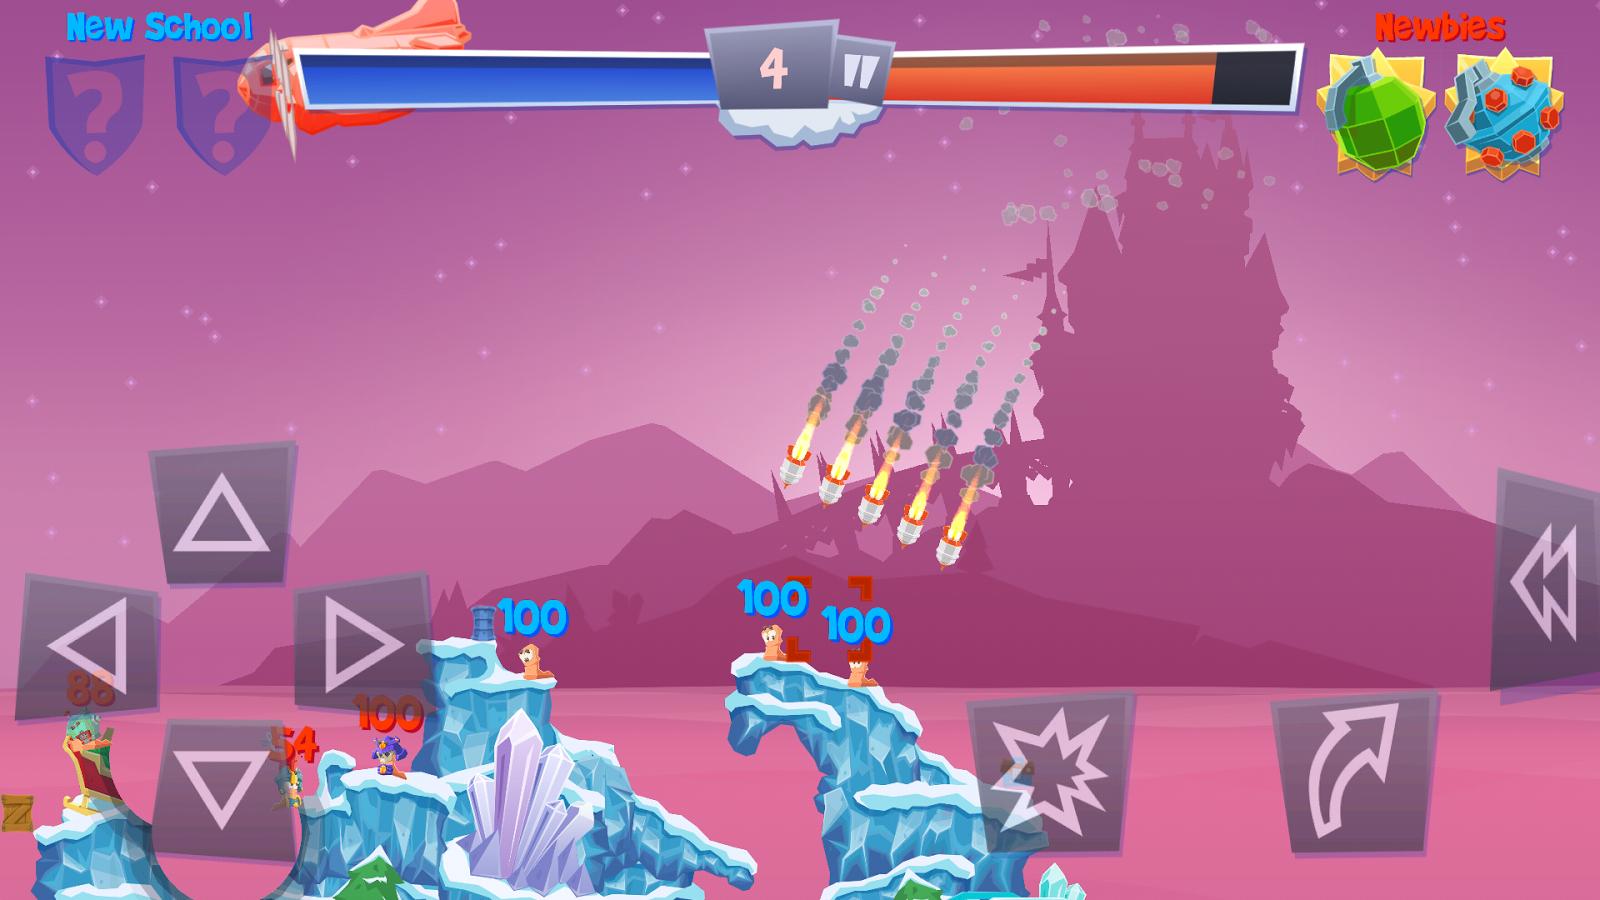 Игра worms 4 скачать бесплатно на компьютер